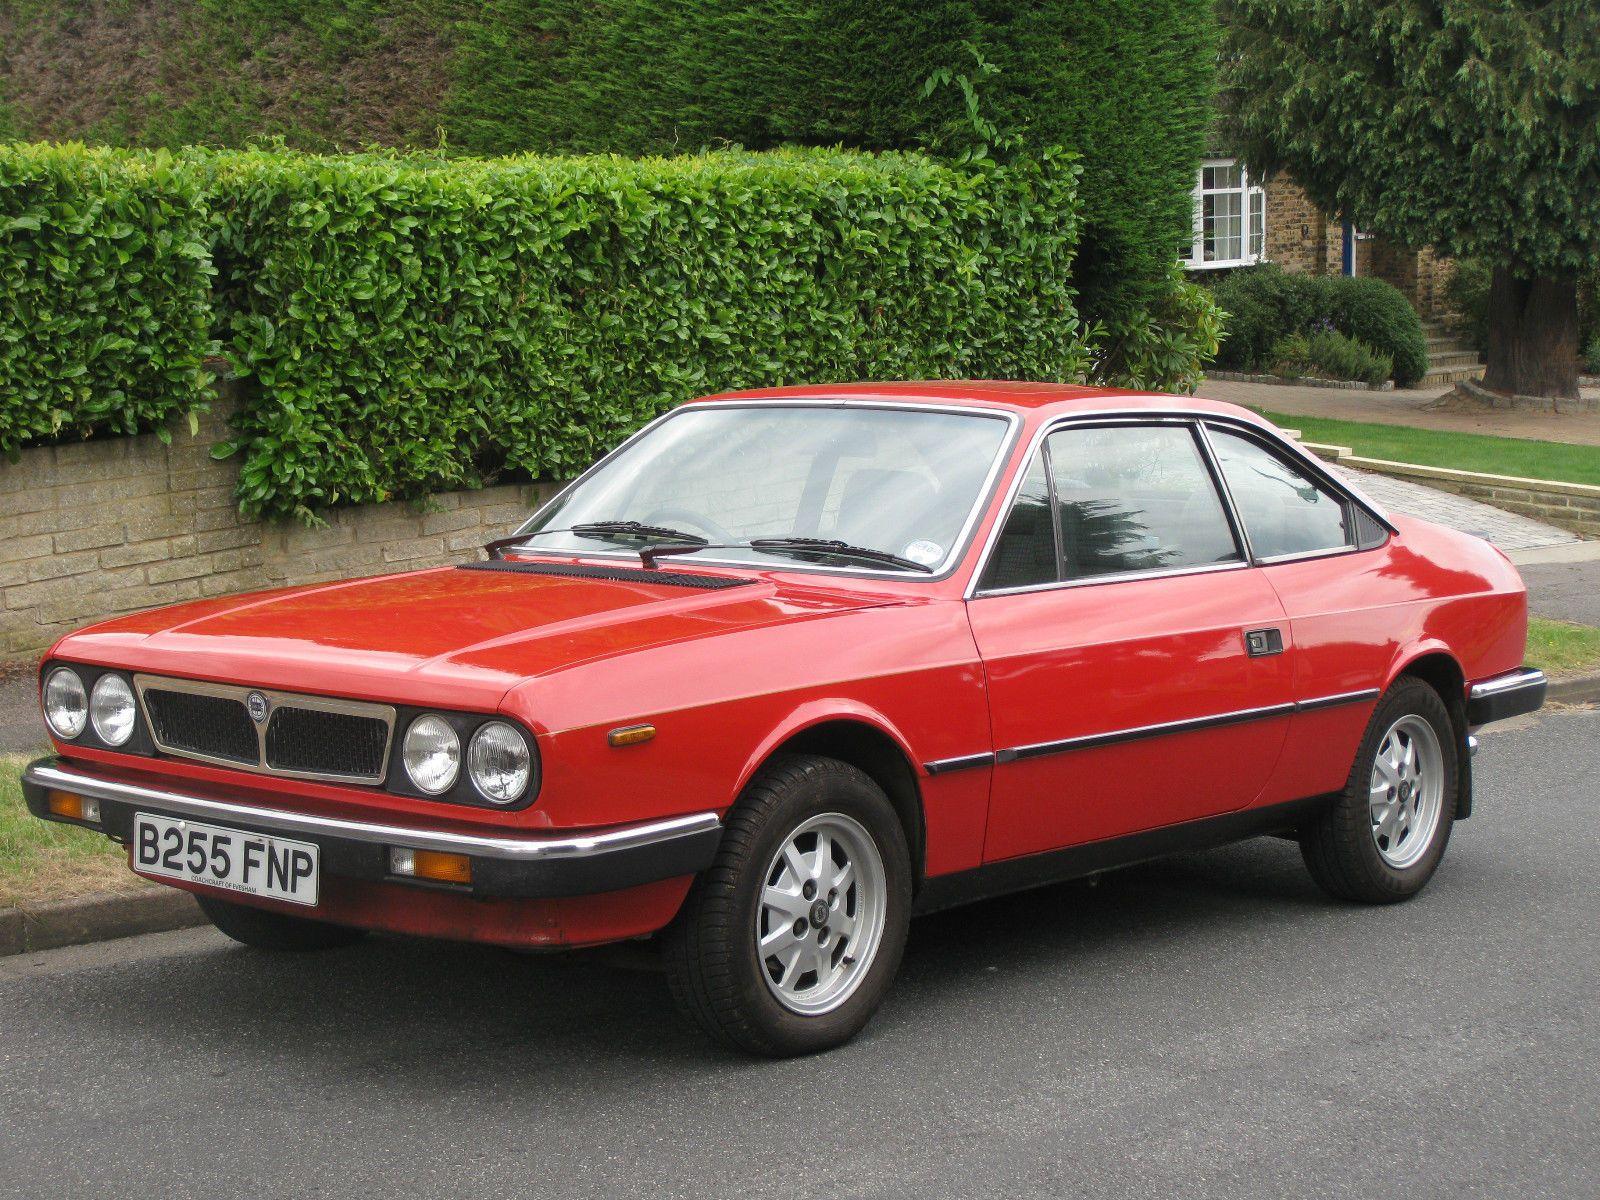 1984 Lancia Beta Coupe 2000 i.e. | Lancia beta coupe | Pinterest ...